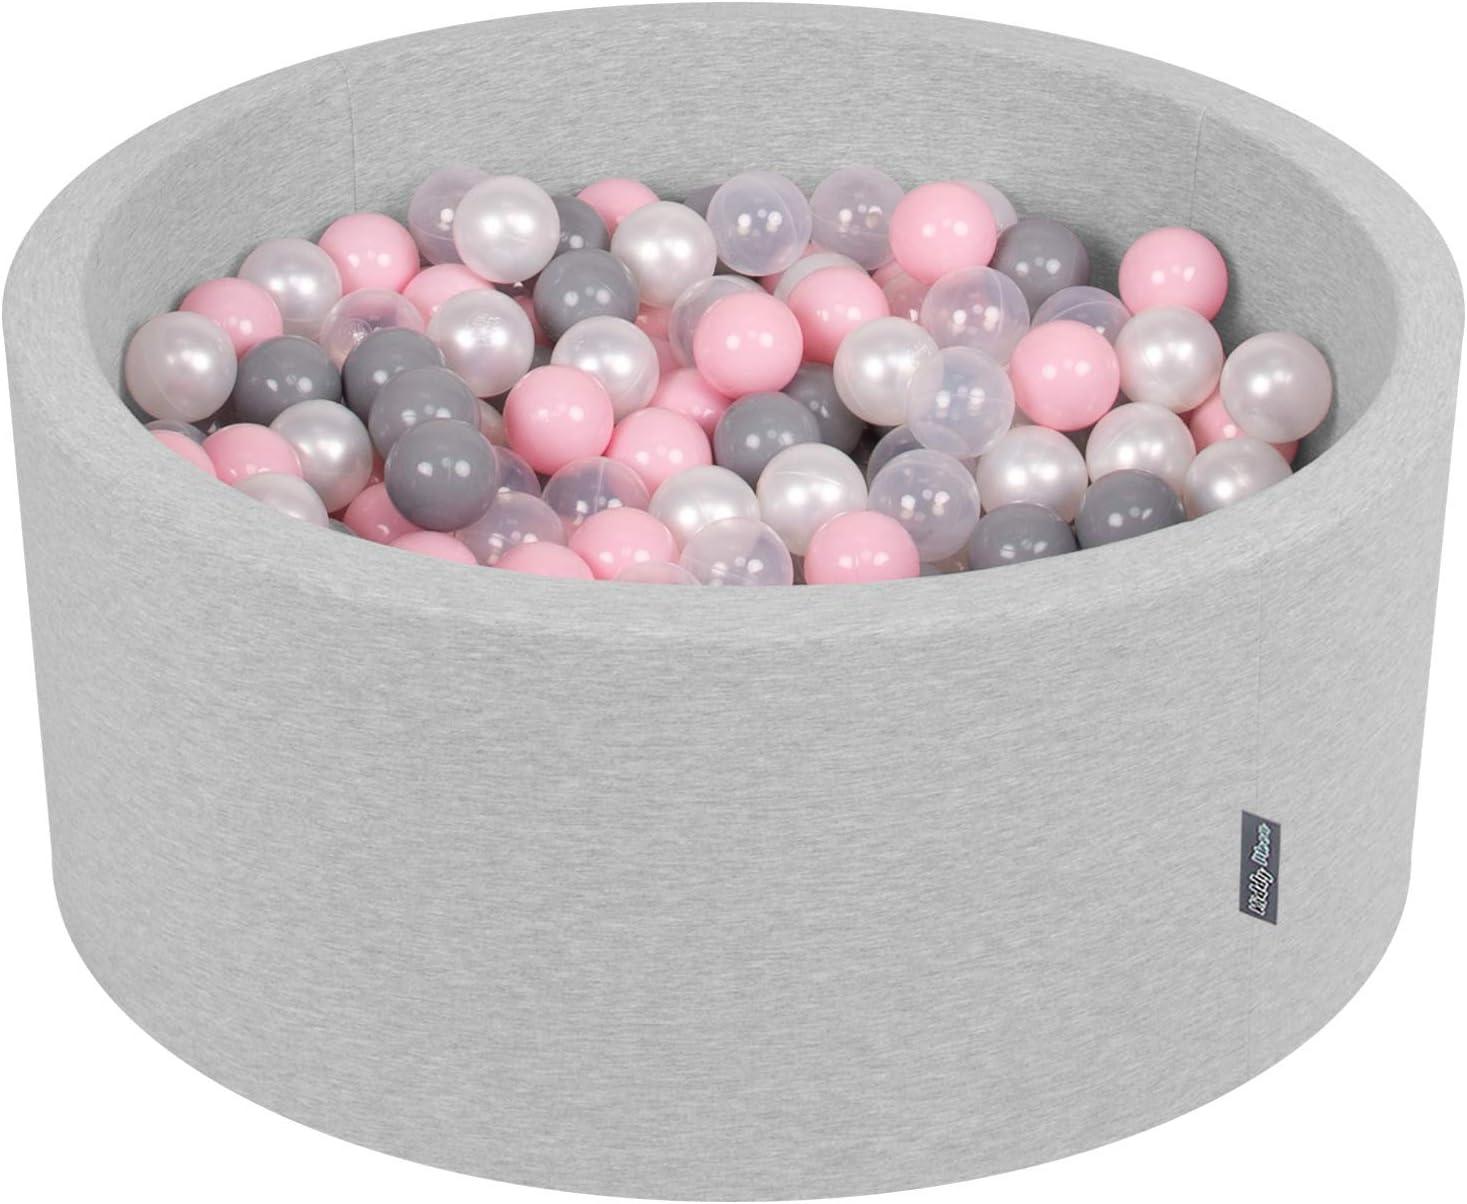 KiddyMoon 90X40cm/300 Bolas ∅ 7Cm Piscina De Bolas para Ninos Hecha En La UE, Gris Clr:Perla/Gris/Transparente/Rosa Clr